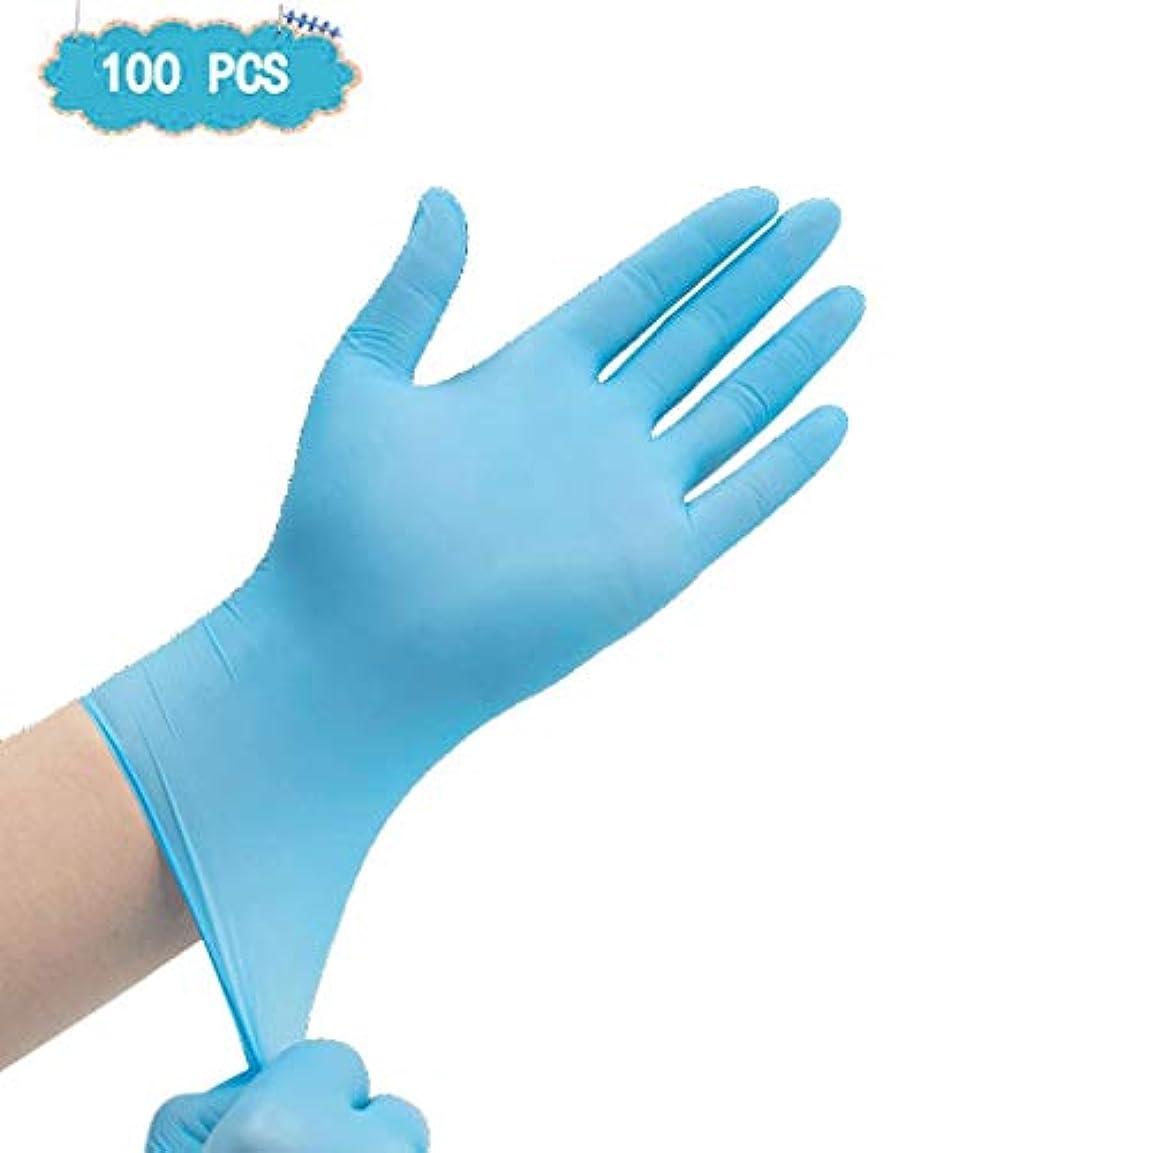 理論反論者旅行代理店ニトリル手袋、青酸およびアルカリ家庭用加工食品使い捨て手袋ペットケアネイルアート検査保護実験、ビューティーサロンラテックスフリー、、 100個 (Size : L)